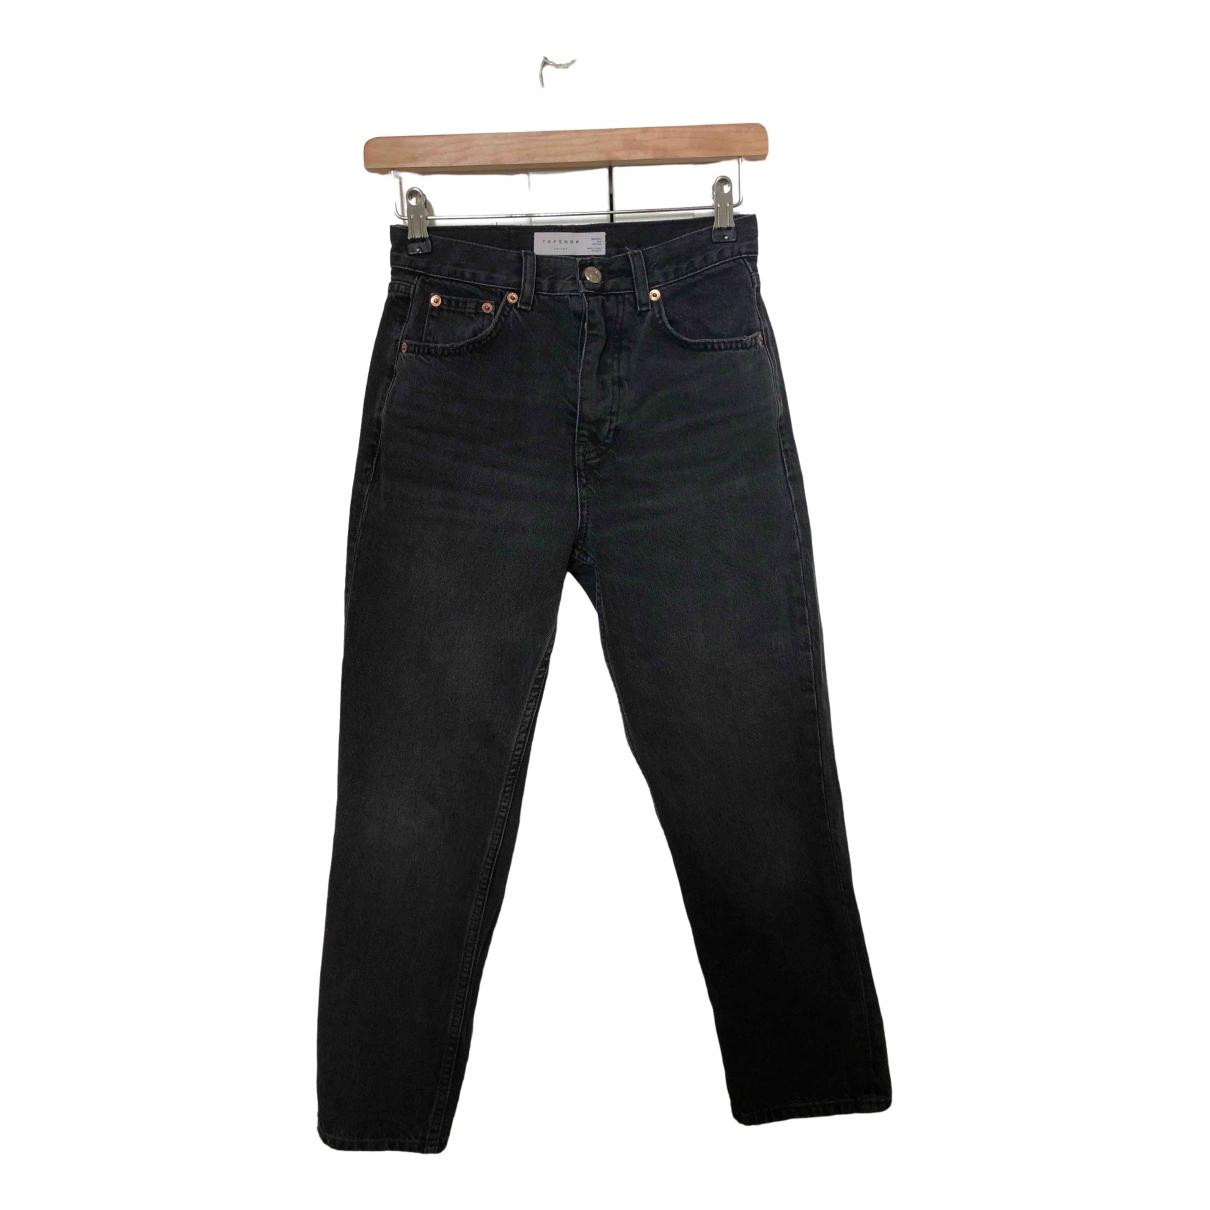 tophop \N Black Denim - Jeans Jeans for Women 25 US